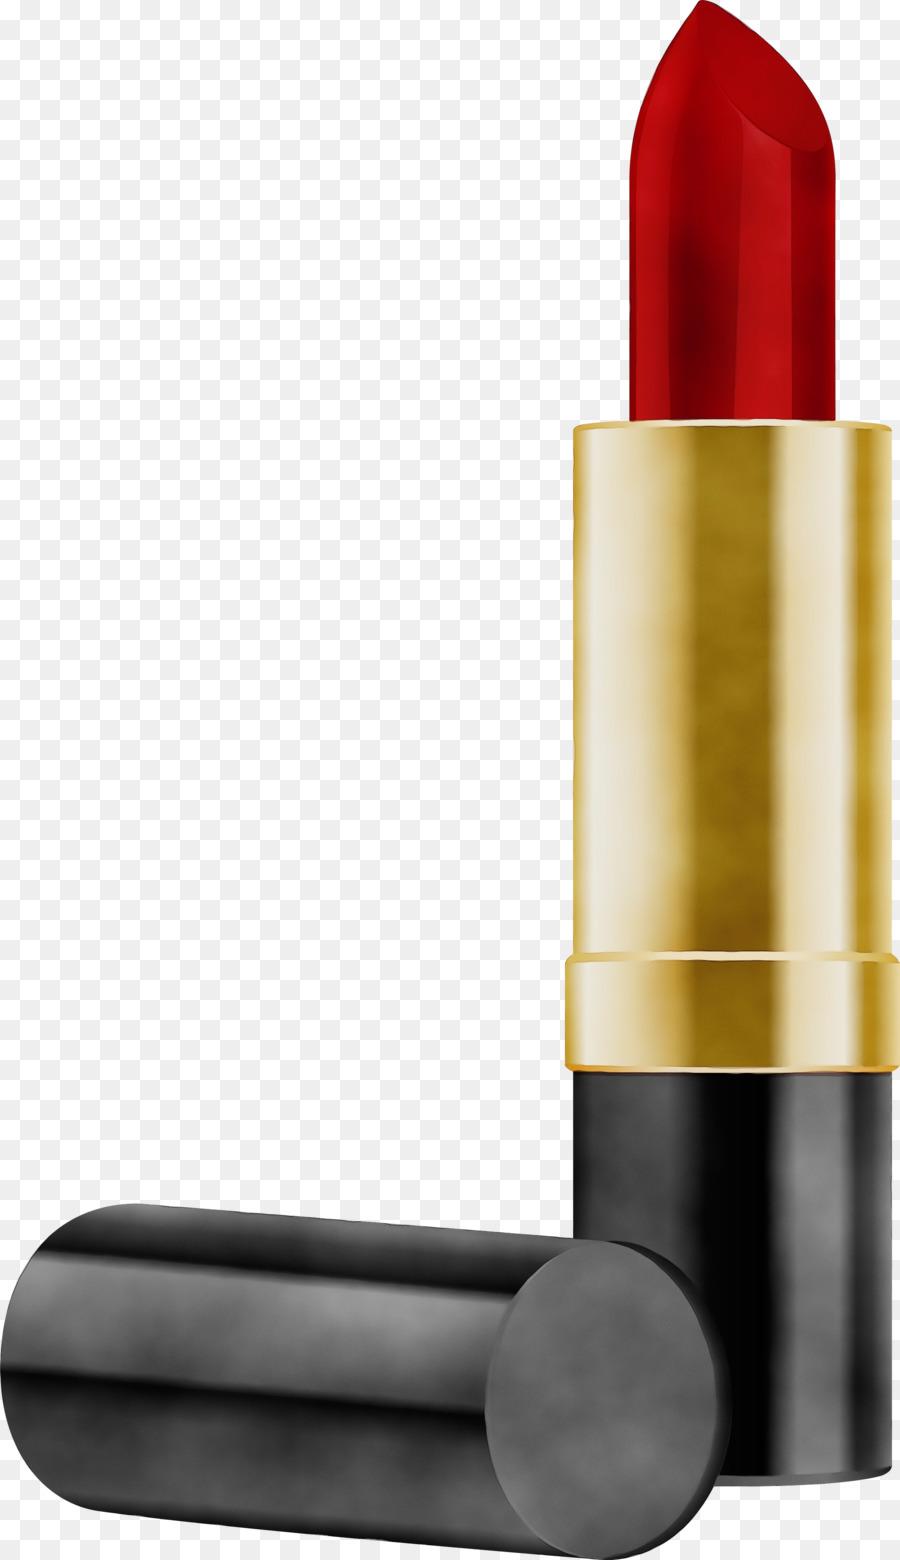 Descarga gratuita de Barra De Labios, Rojo, Belleza imágenes PNG